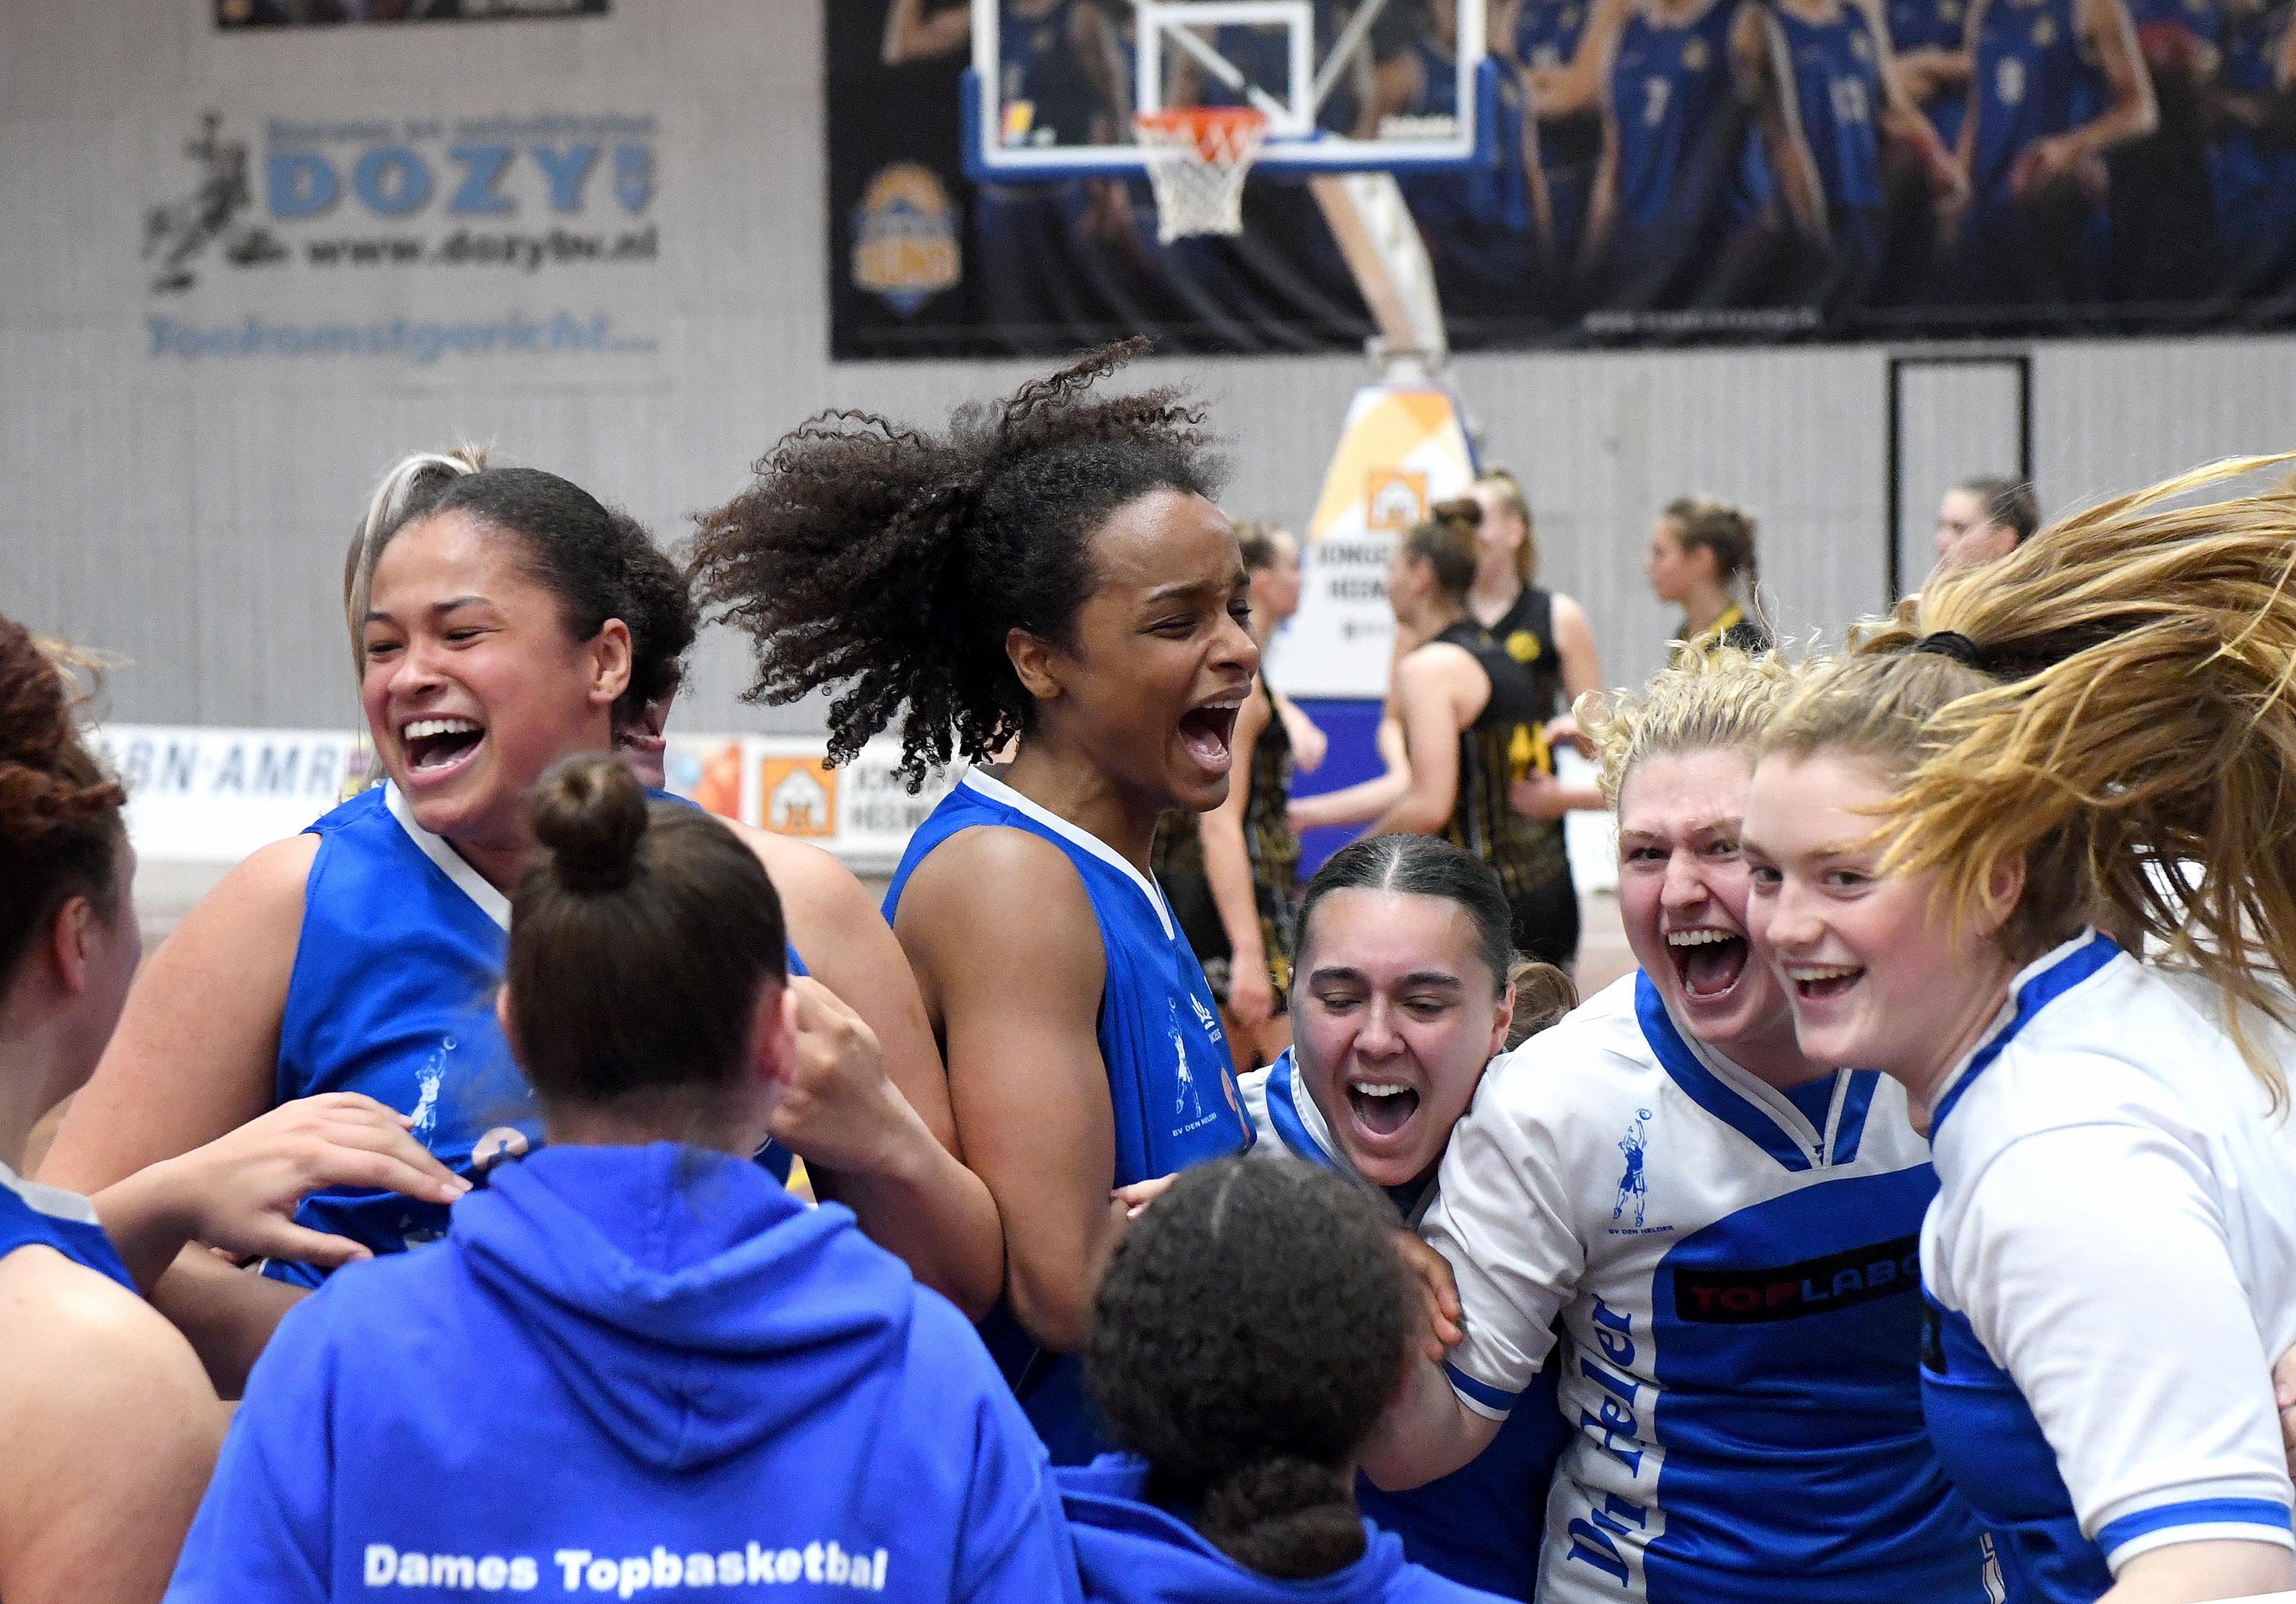 Helderse basketbalsters tonen in finale play-offs mentaliteit van straatvechters, net als de coach ooit: 'We kunnen van alles bedenken of uittekenen op papier. Op de vloer moet het gebeuren'